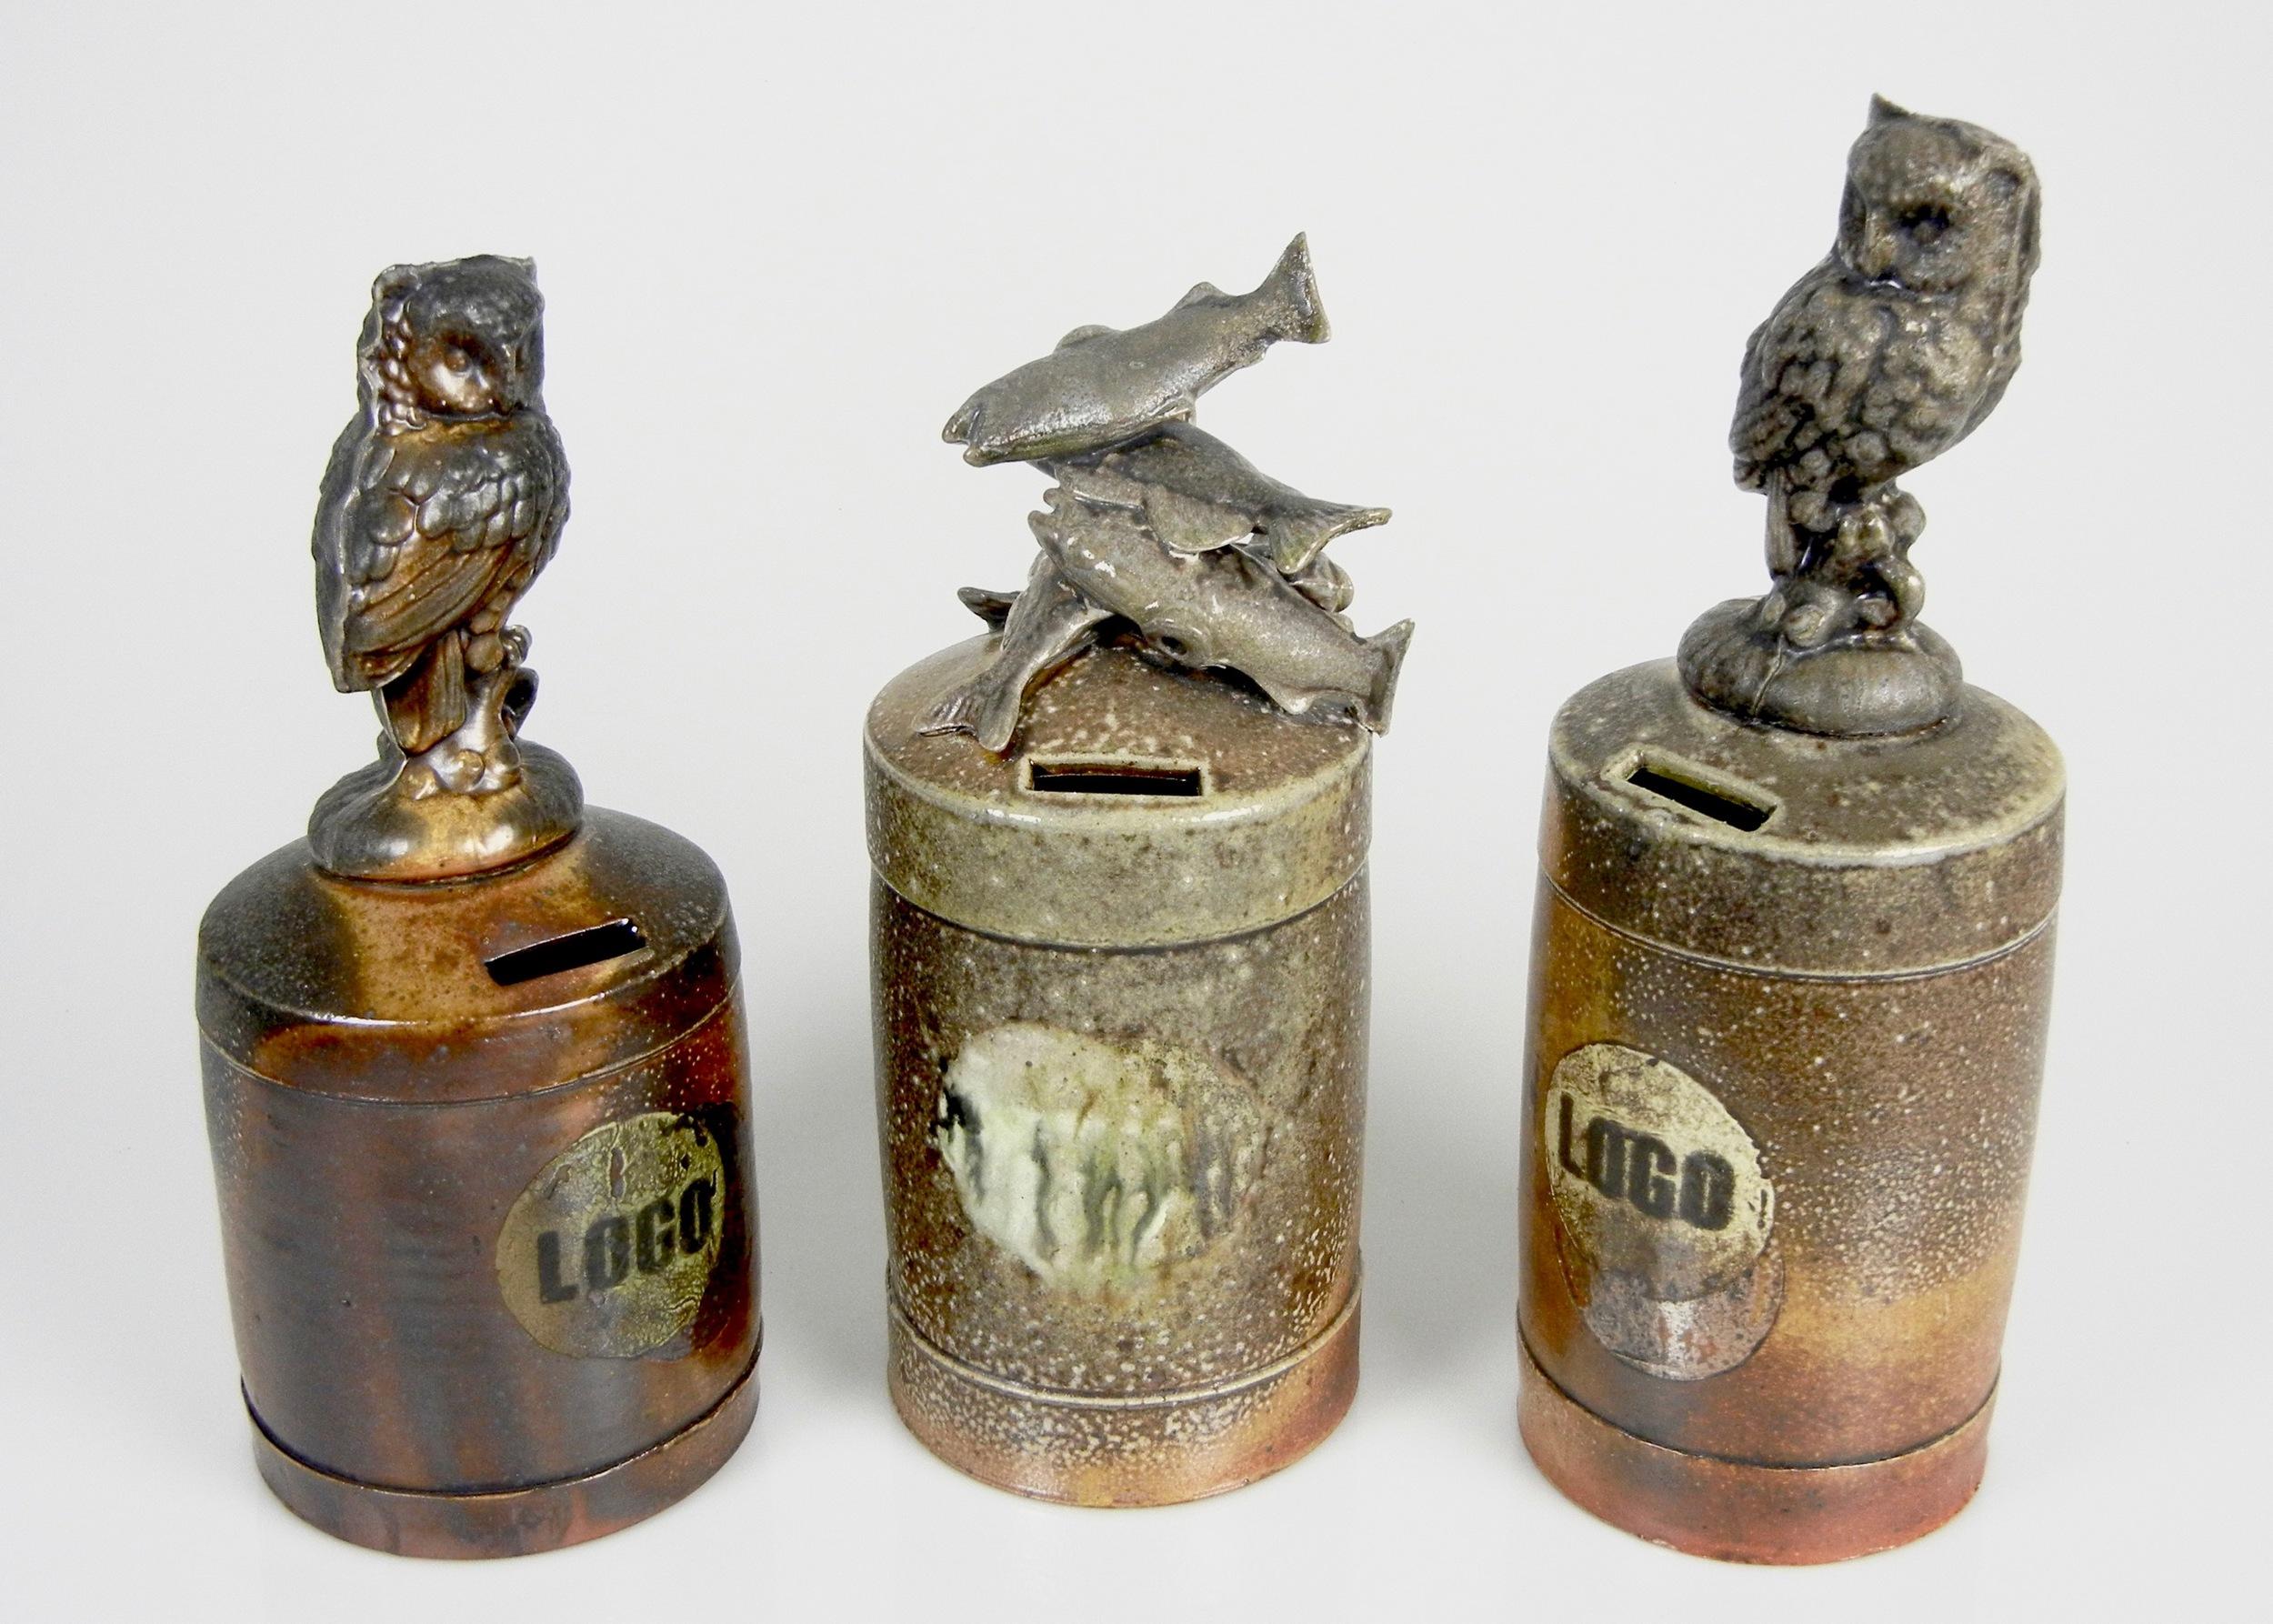 Lorenz Pottery, ceramics, pottery, folk pottery, wood fired, soda fired, bank, money jar